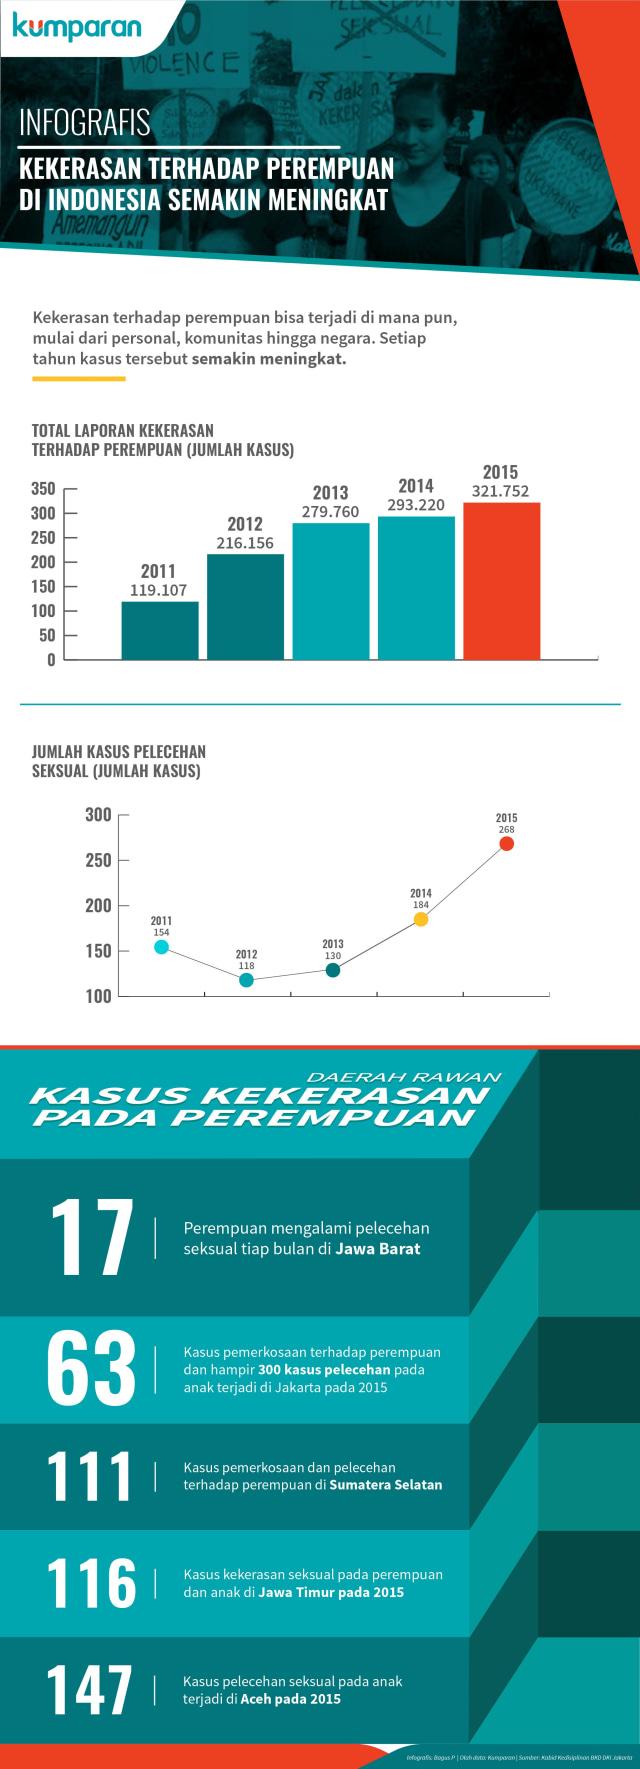 Melecut Penuntasan RUU Penghapusan Kekerasan Seksual (34339)